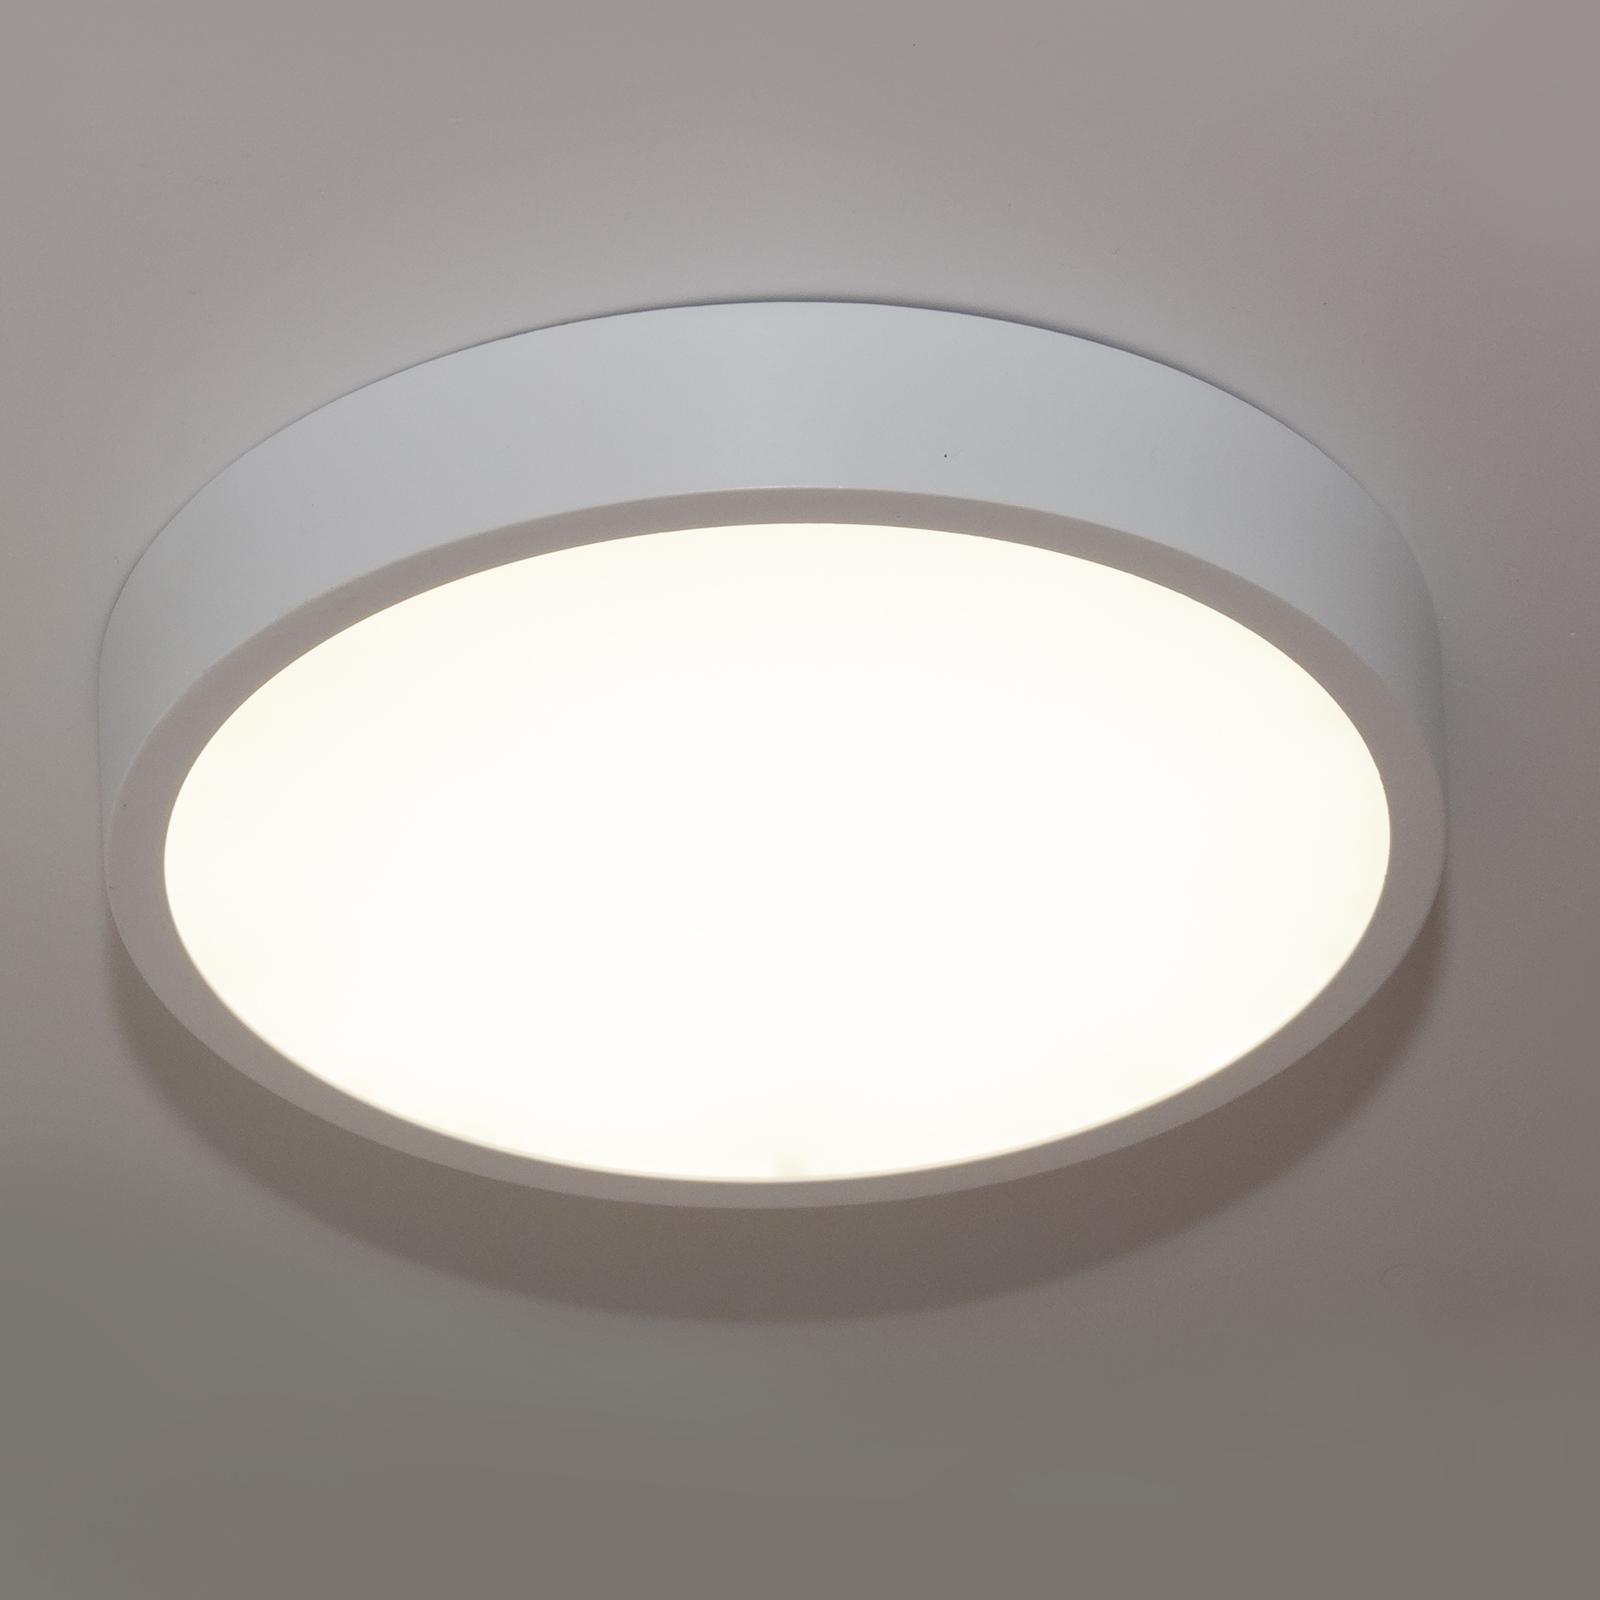 Illuminazione Bagno A Parete plafoniera tonda led 24w luce 4000k lampada parete soffitto resa 240w 1902lm